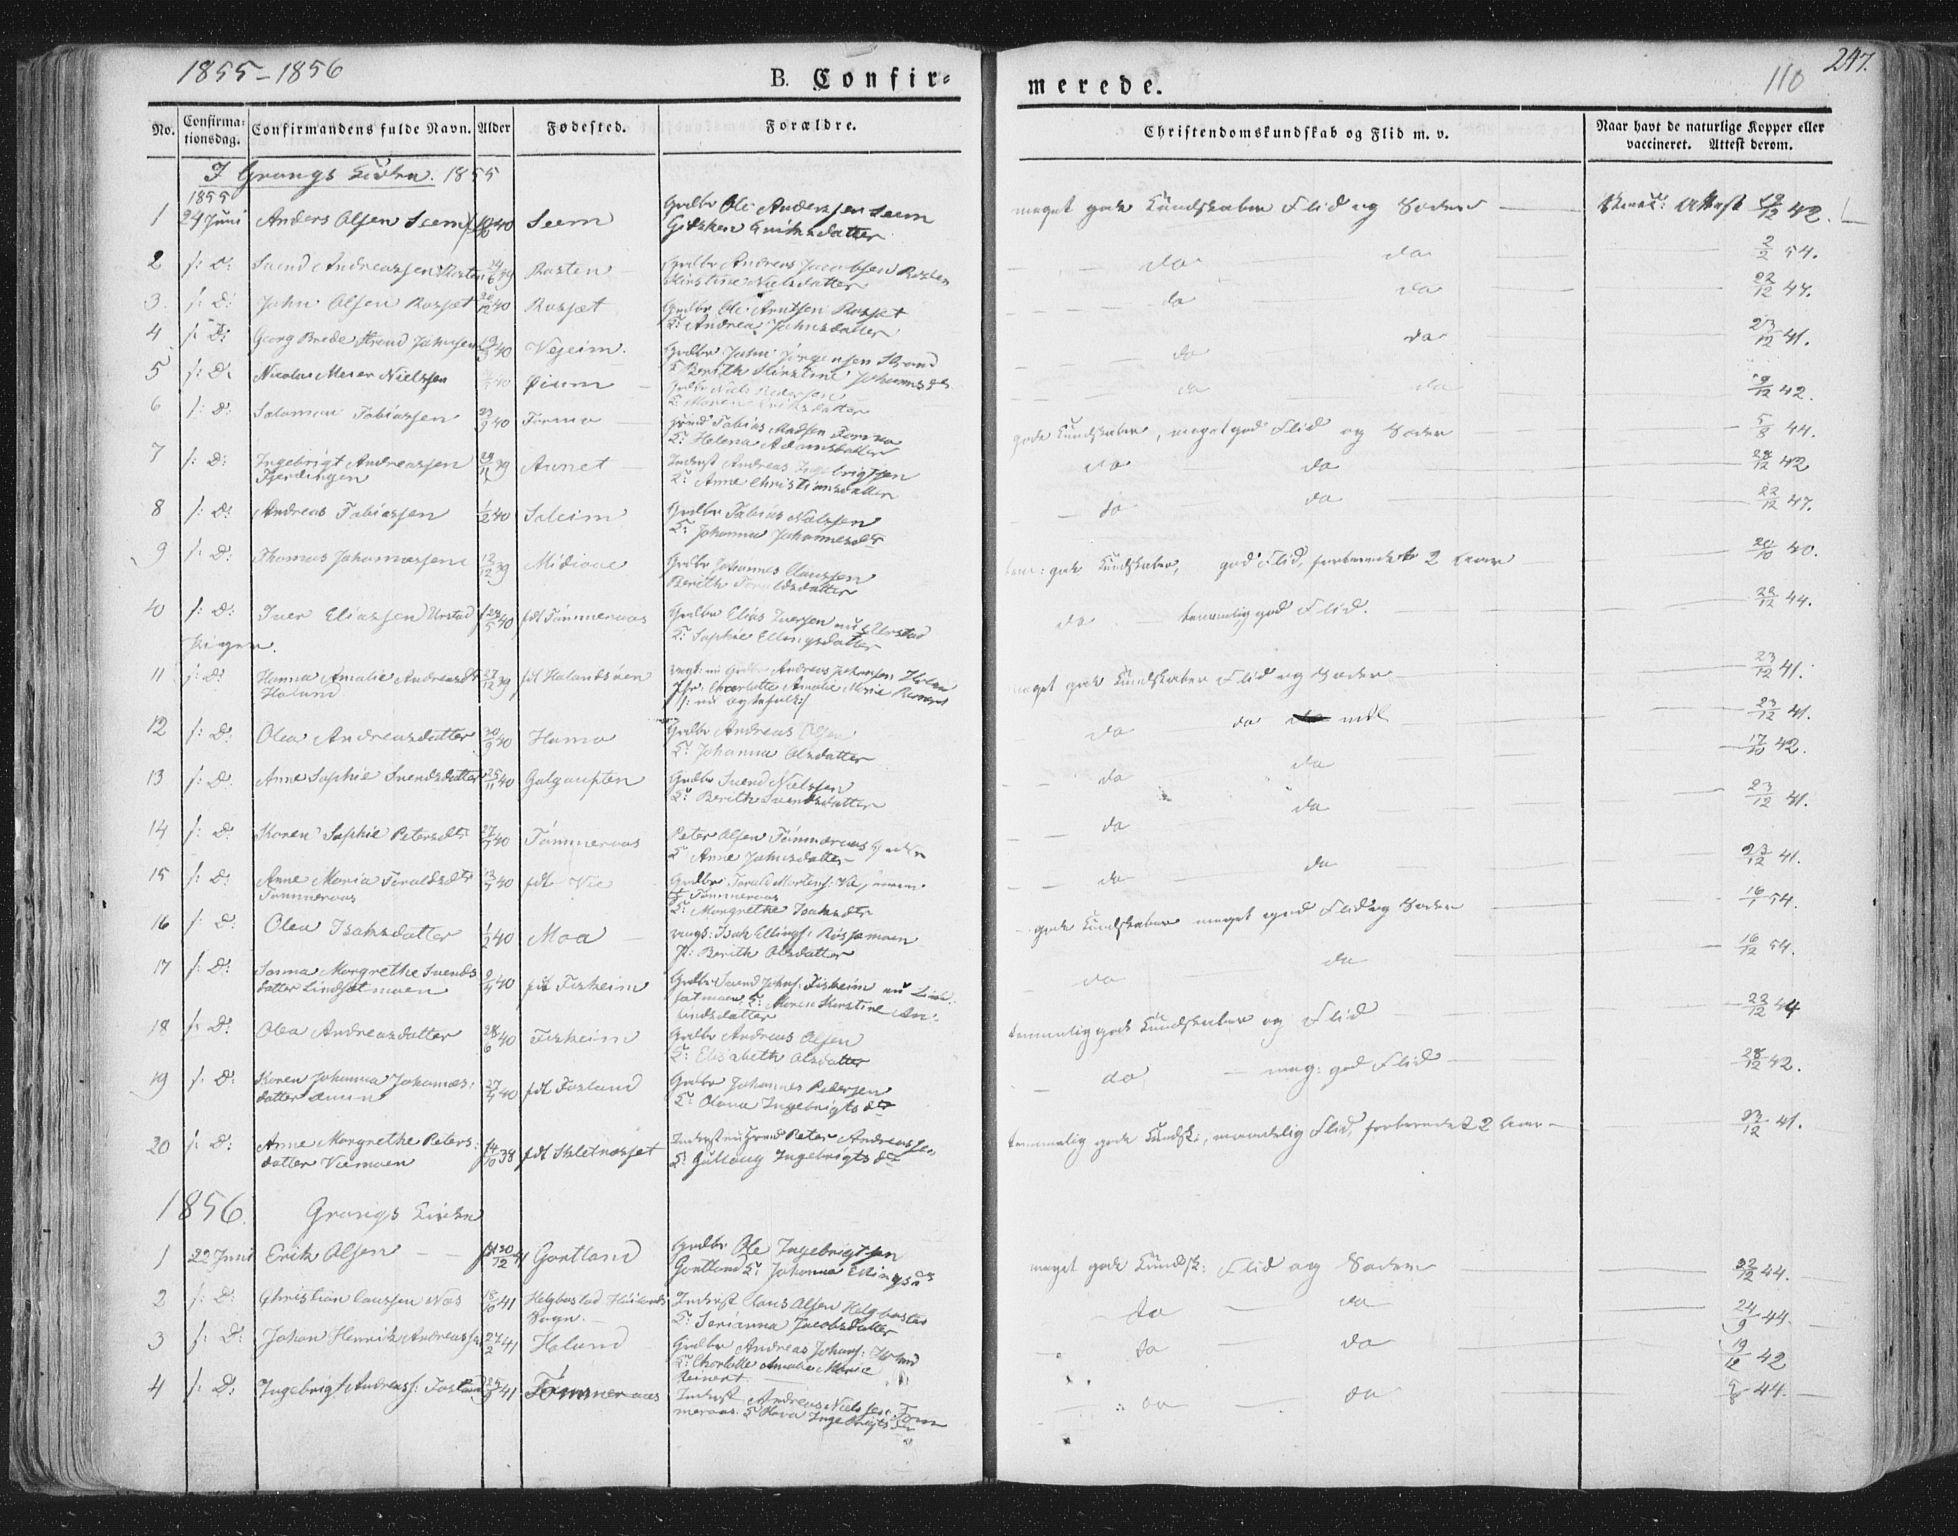 SAT, Ministerialprotokoller, klokkerbøker og fødselsregistre - Nord-Trøndelag, 758/L0513: Ministerialbok nr. 758A02 /1, 1839-1868, s. 110